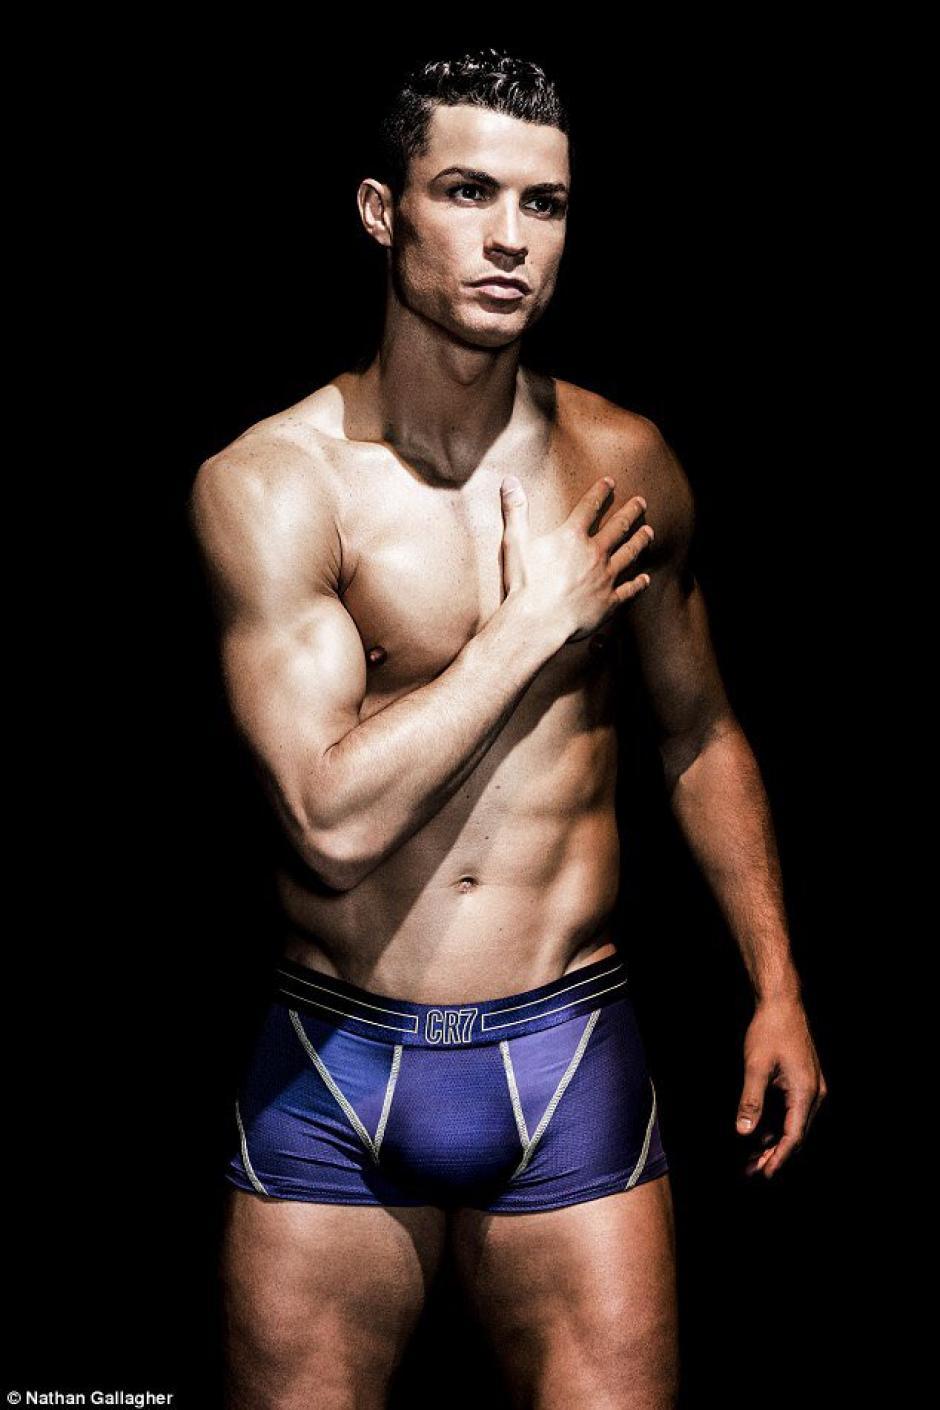 Las fotos de Cristiano luciendo sus nuevos calzoncillos llaman la atención. (Foto: Twitter)